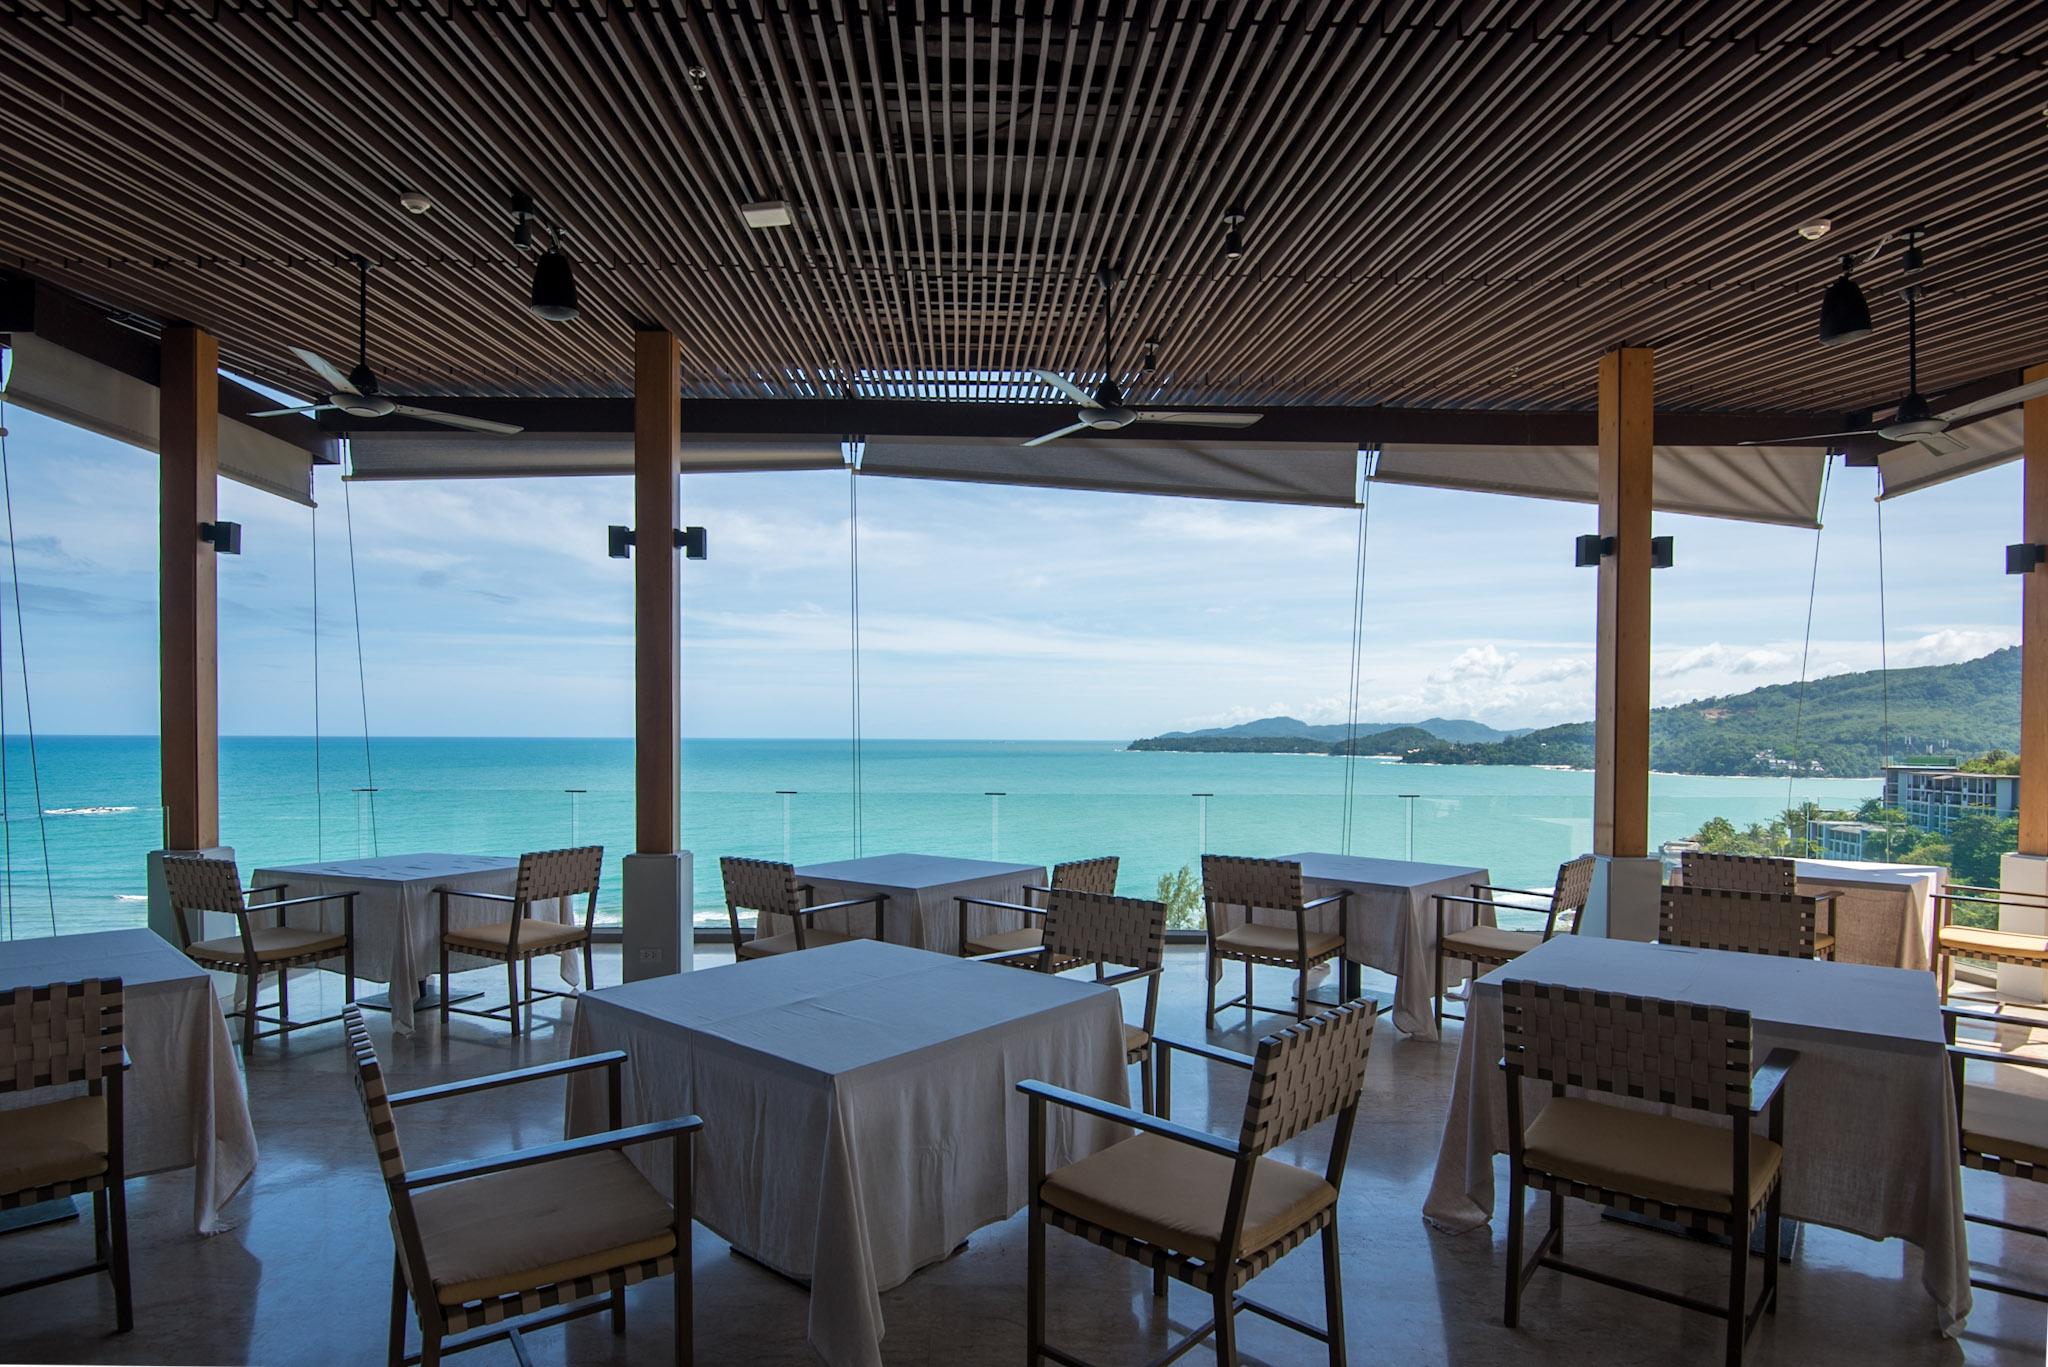 Sunset Grill The Pool Bar - Hyatt Regency Phuket Resort